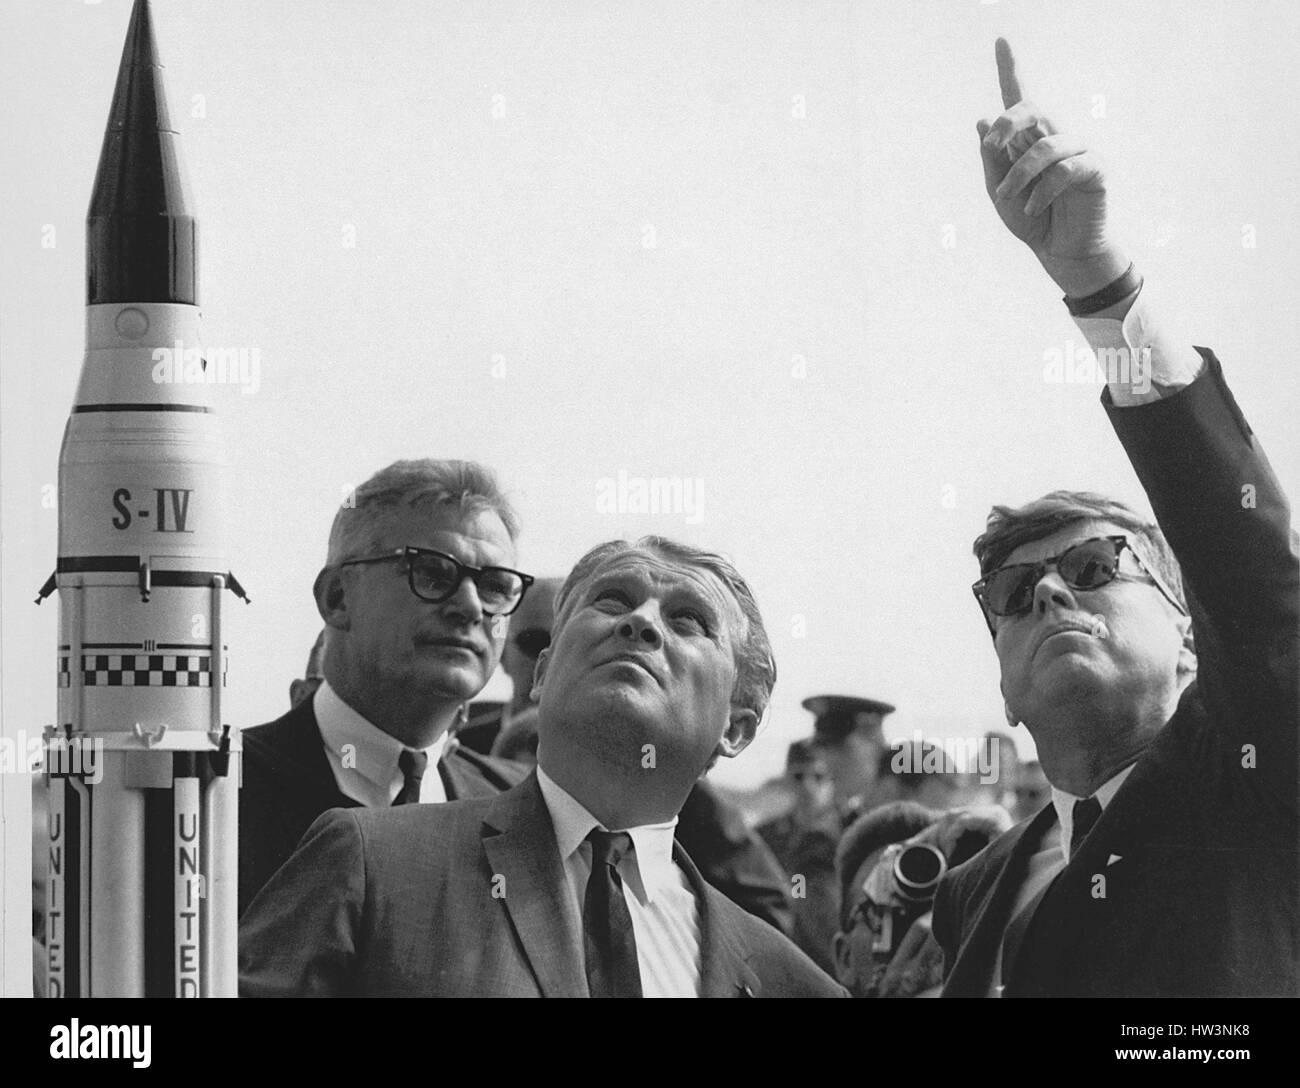 Marshall Space Flight Center (MSFC) Direktor Arzt Wernher von Braun erklärt die Saturn Launch System US-Präsident John F. Kennedy Cape Canaveral Florida am 16. November 1963. National Aeronautics and Space Administration (NASA) stellvertretender Admi Stockfoto